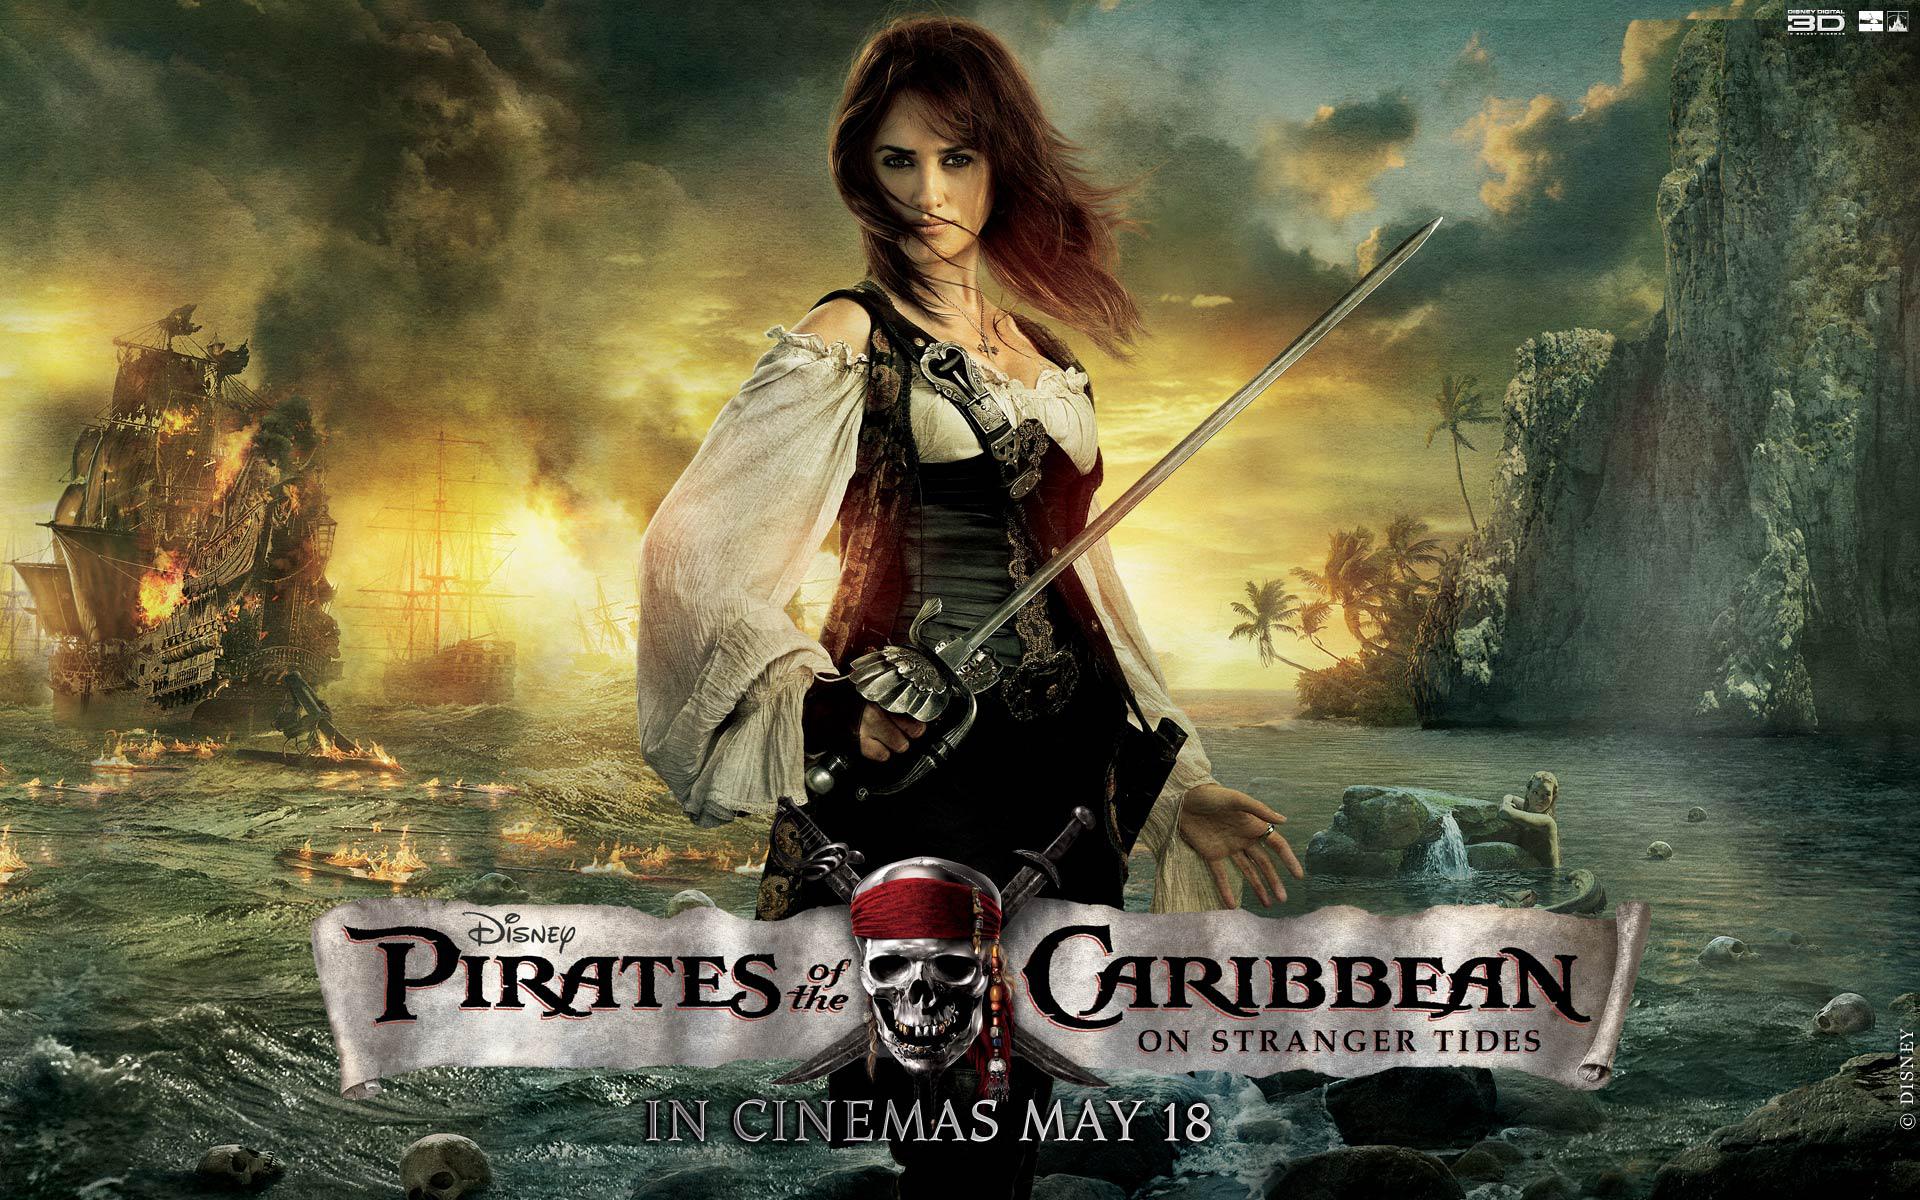 Fotos de piratas del caribe 4 23